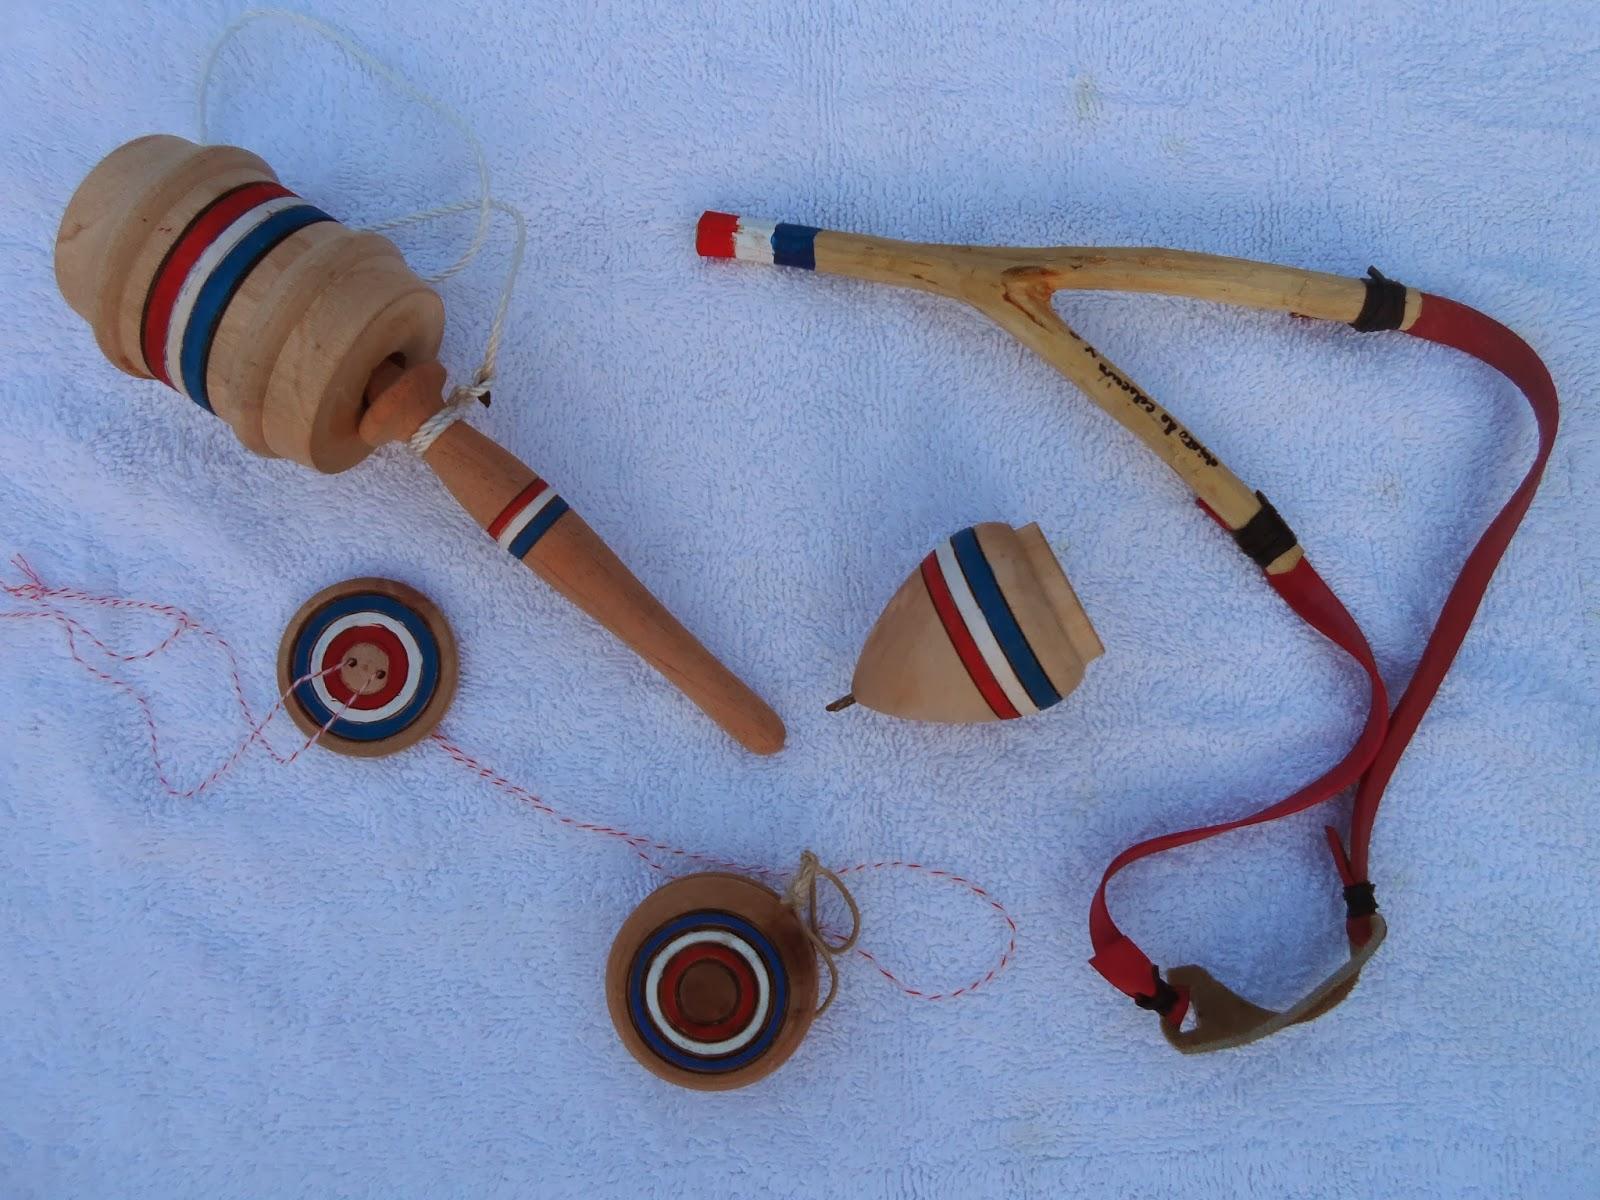 A Disfrutar Practicar Y Recrear Los Juegos De Xiomarita